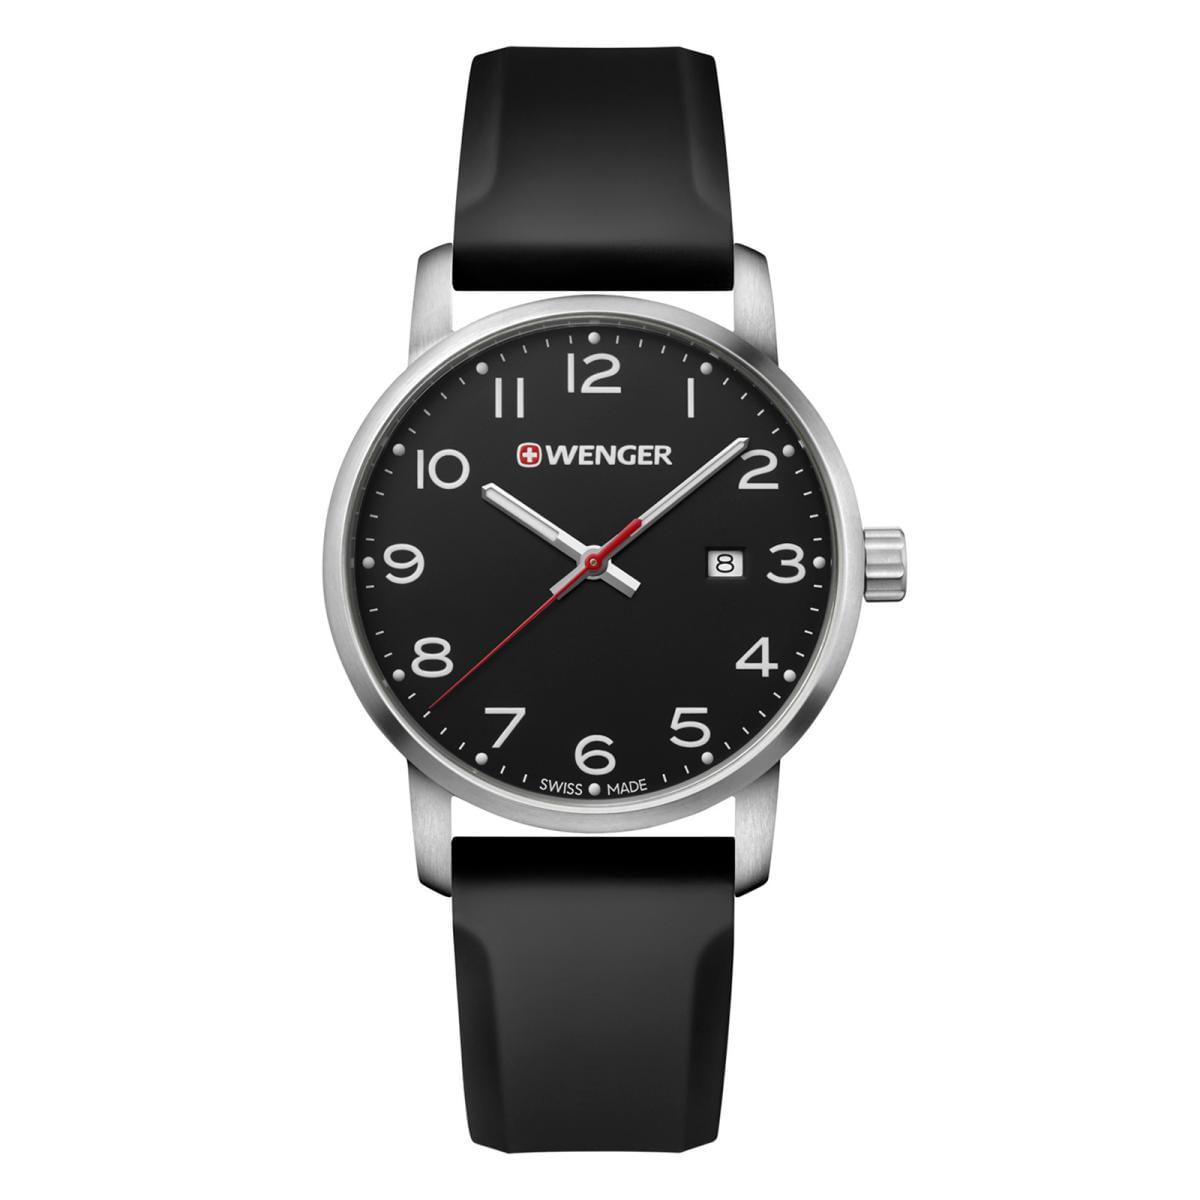 fd2fd0724099 Reloj Wenger - 01.1641.101 - Hombre - Time Square